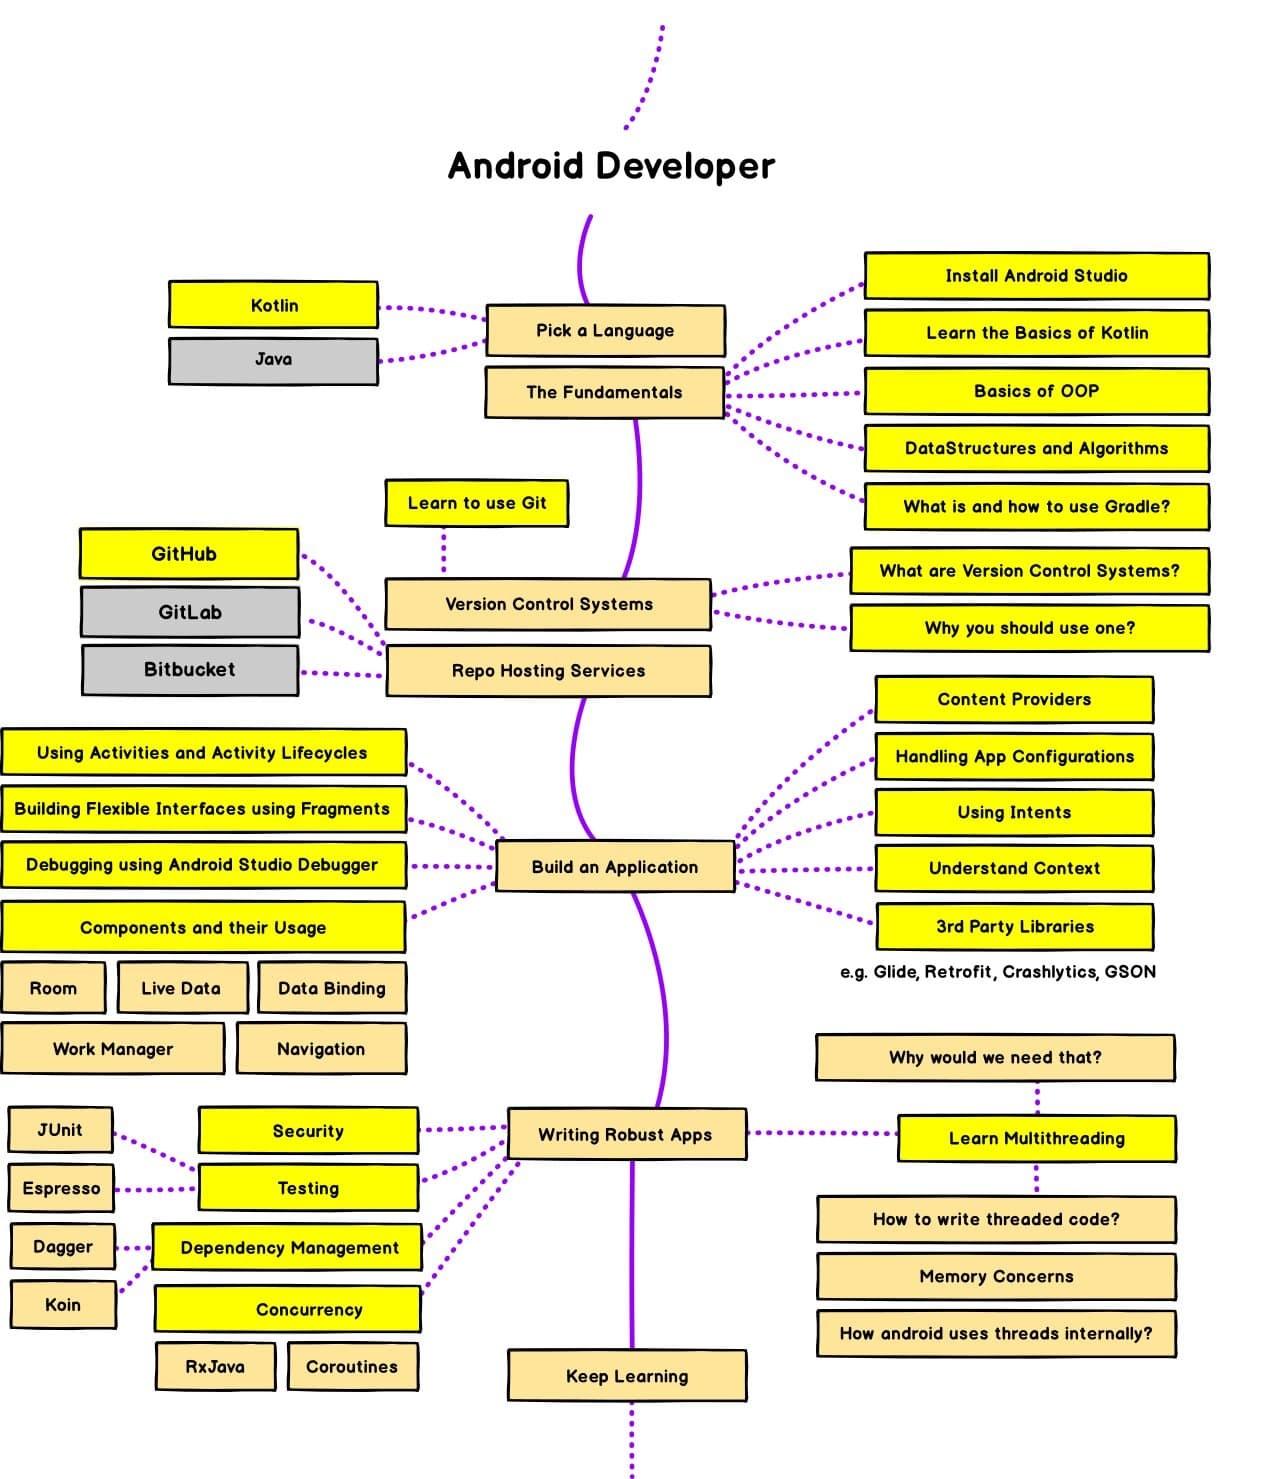 Android Developer Roadmap